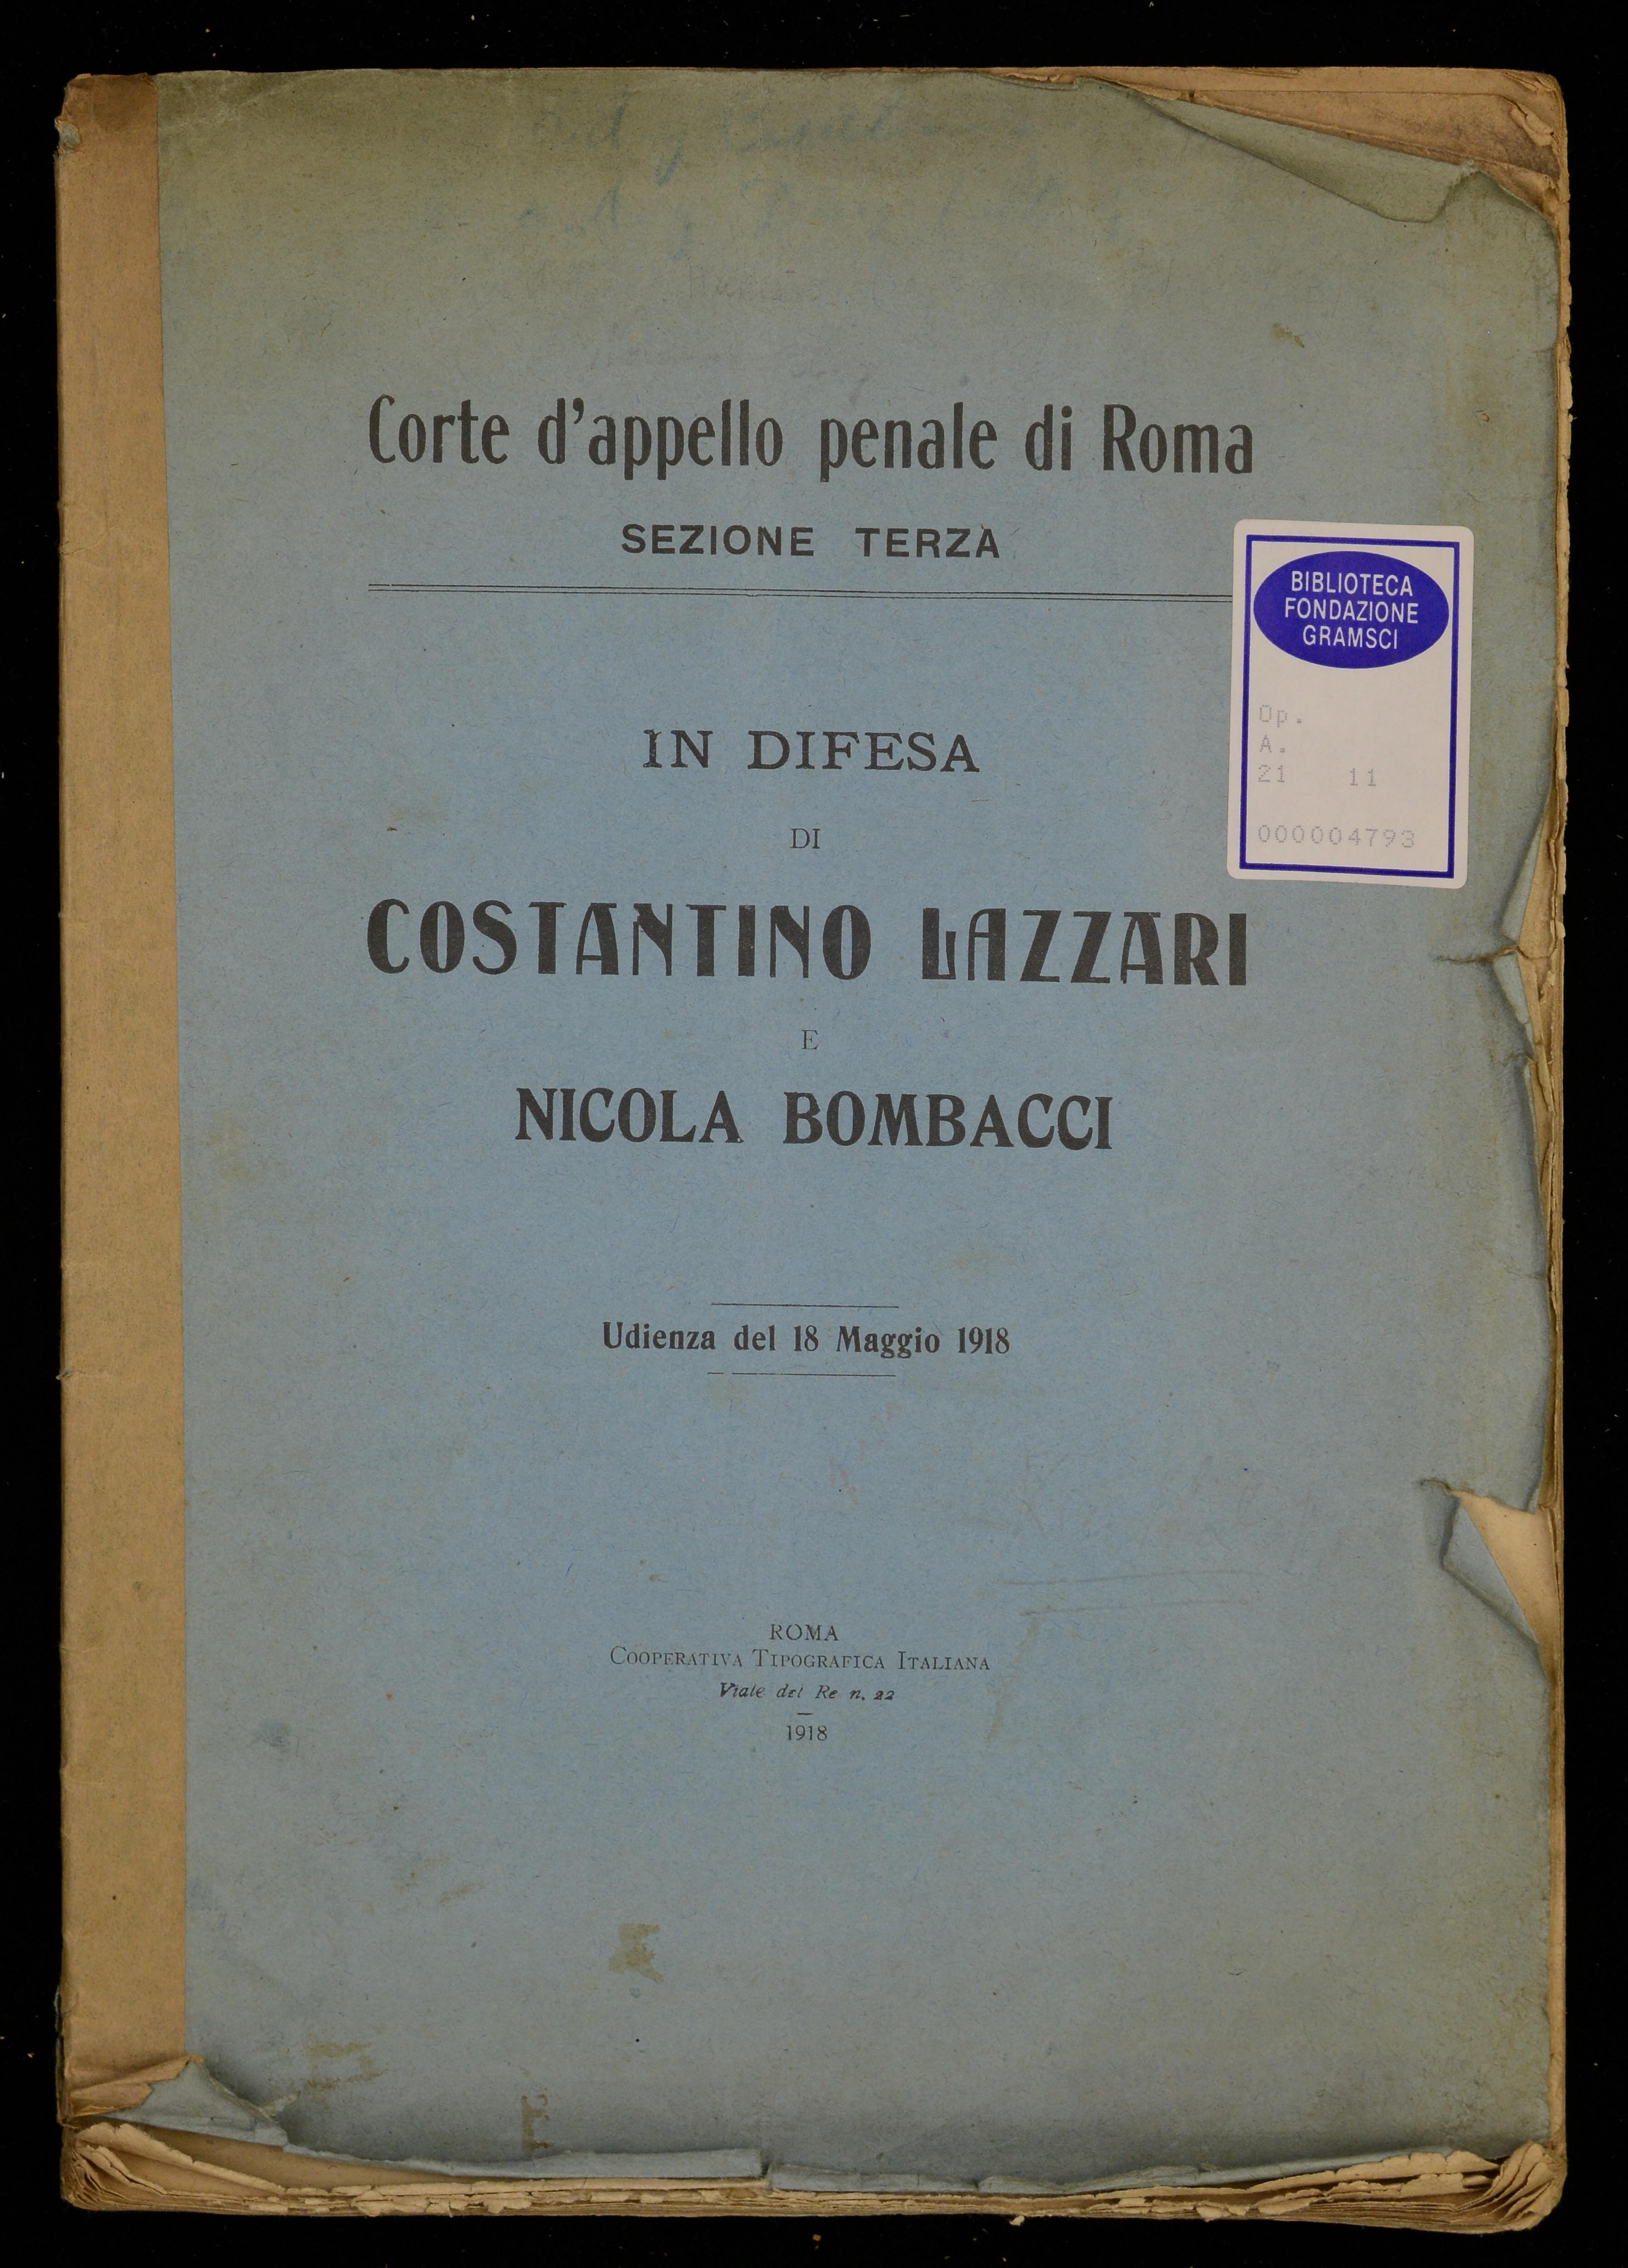 In difesa di Costantino Lazzari e Nicola Bombacci